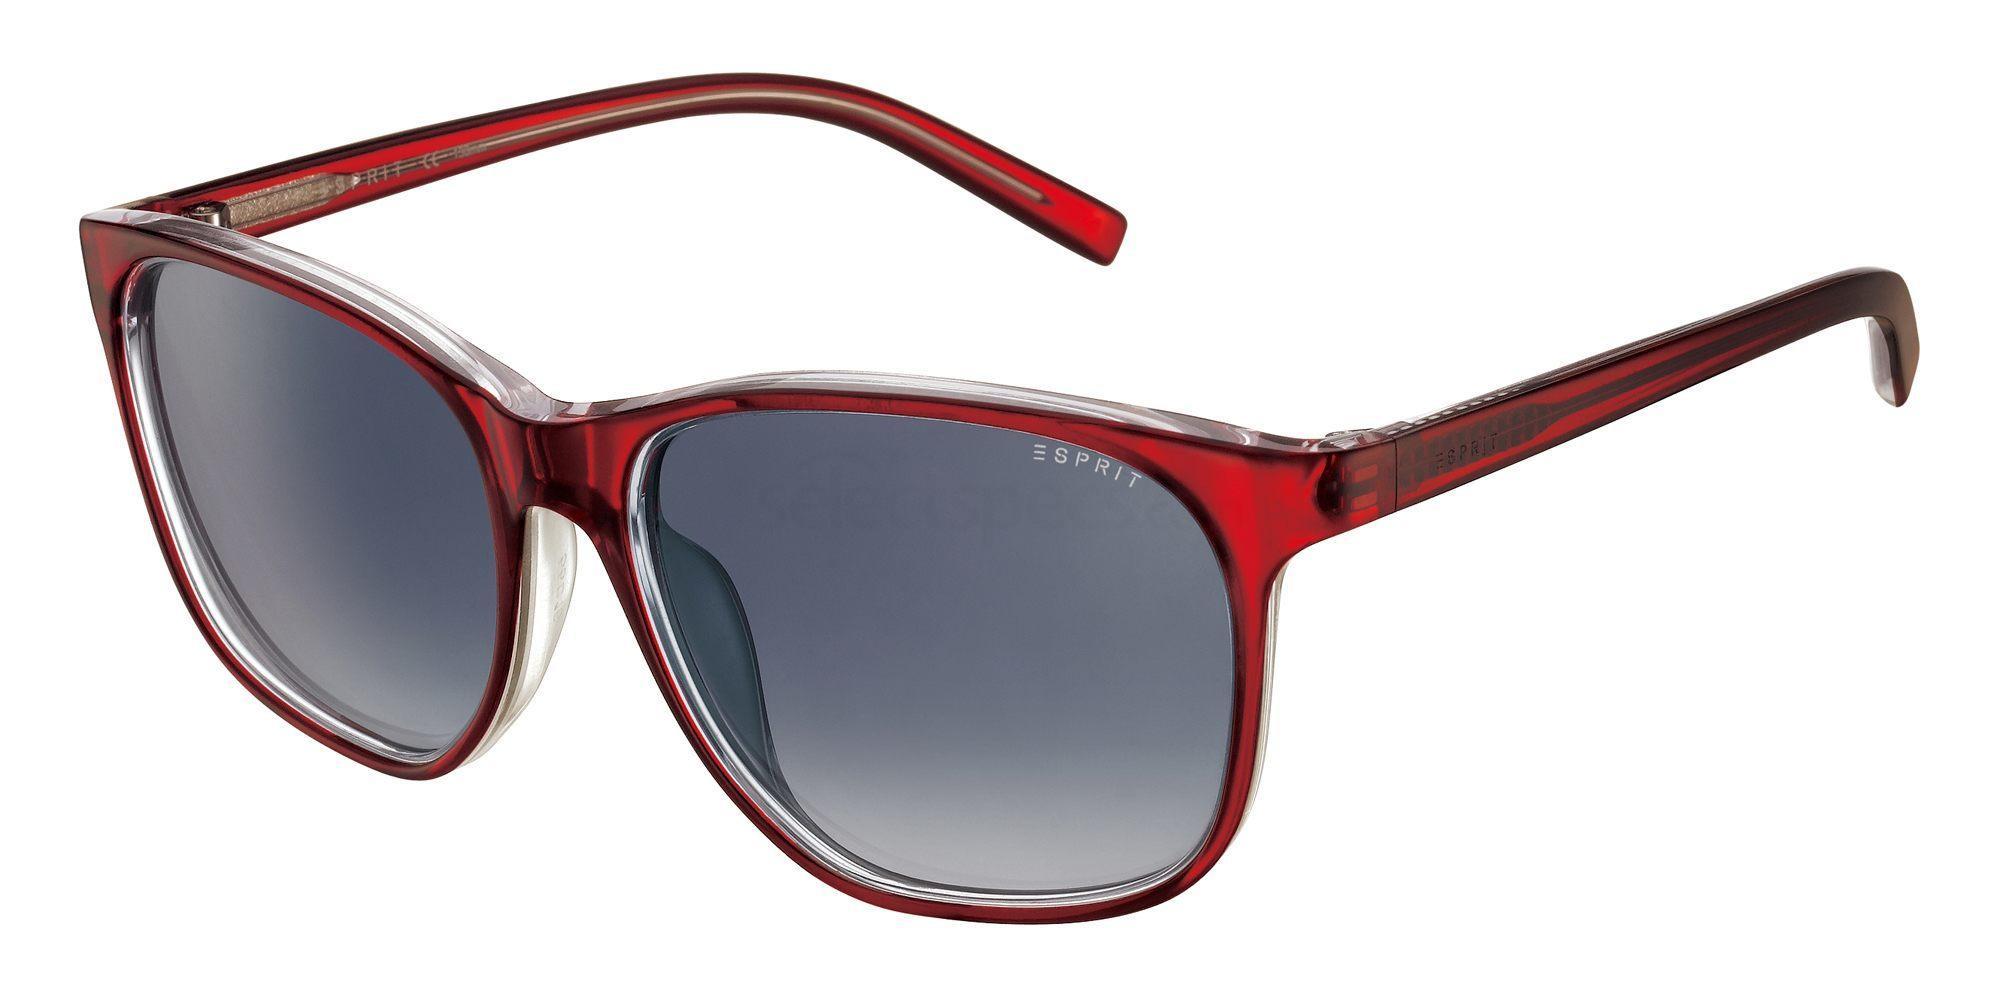 531 ET17856 Sunglasses, Esprit